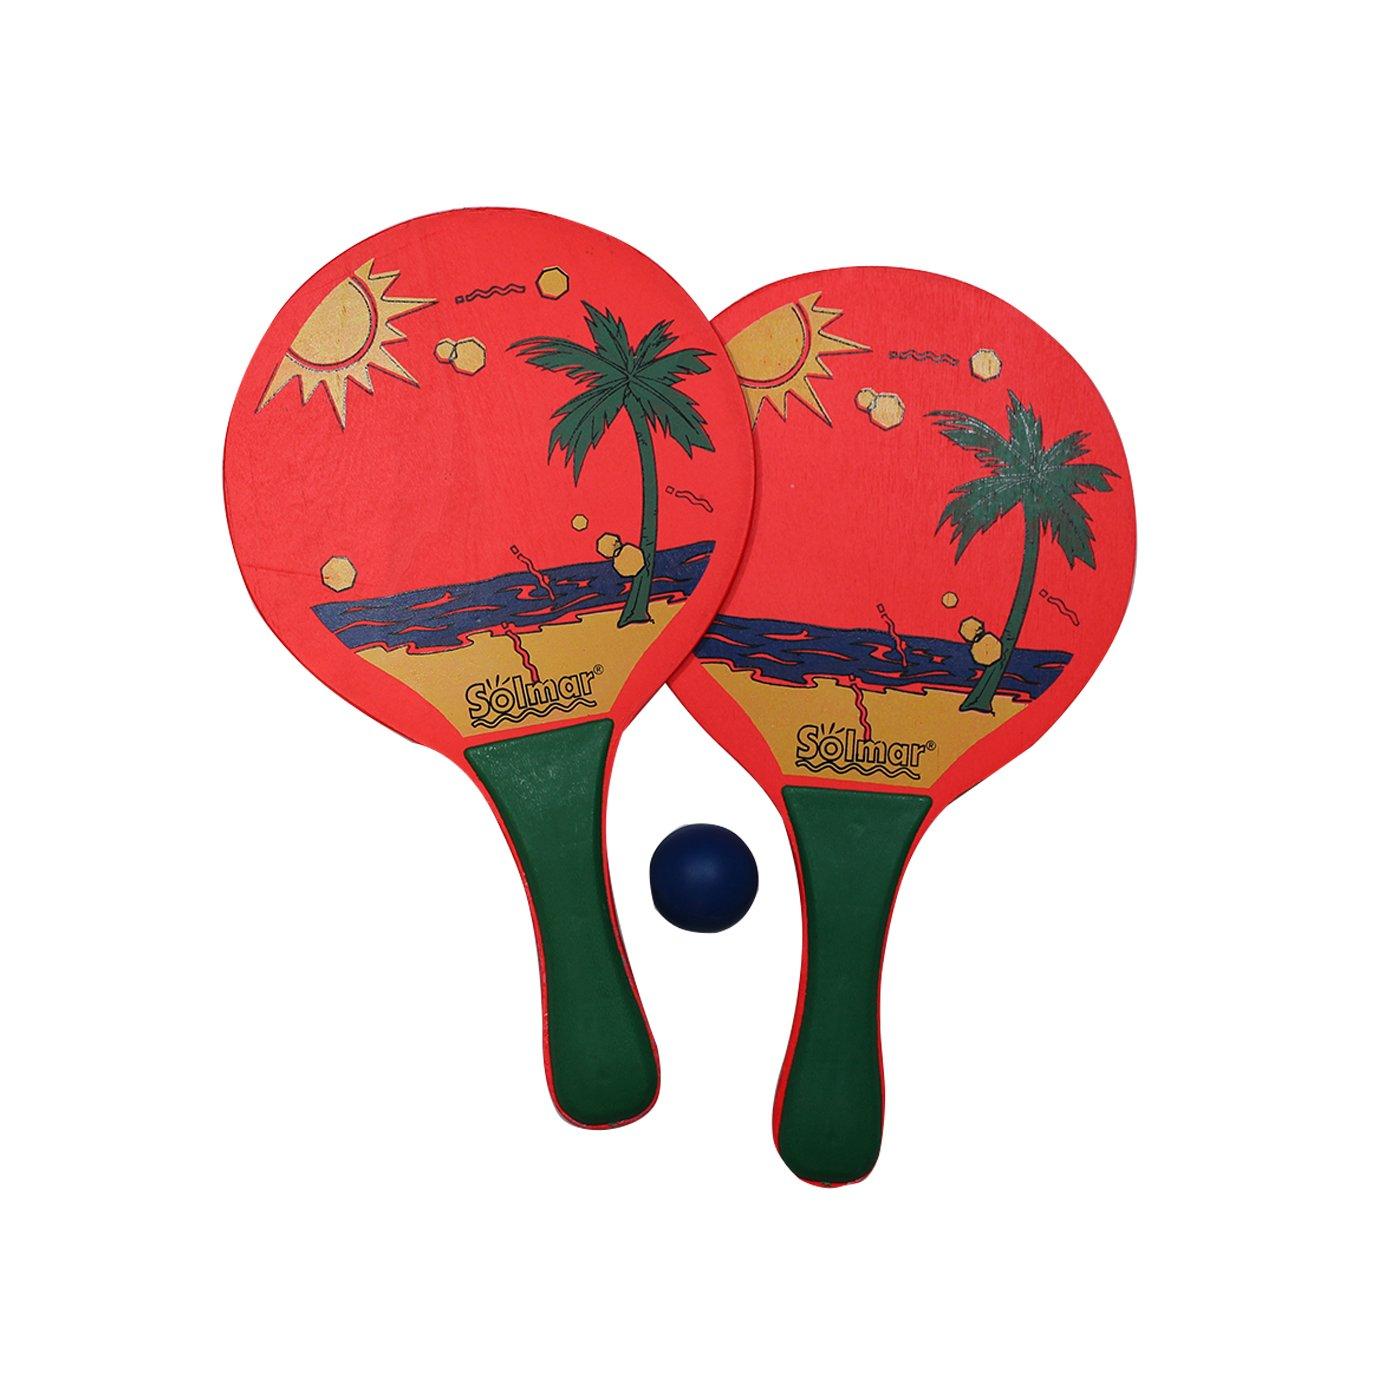 Conjunto de 2 palas de playa y pelota Neón: Amazon.es: Juguetes y ...